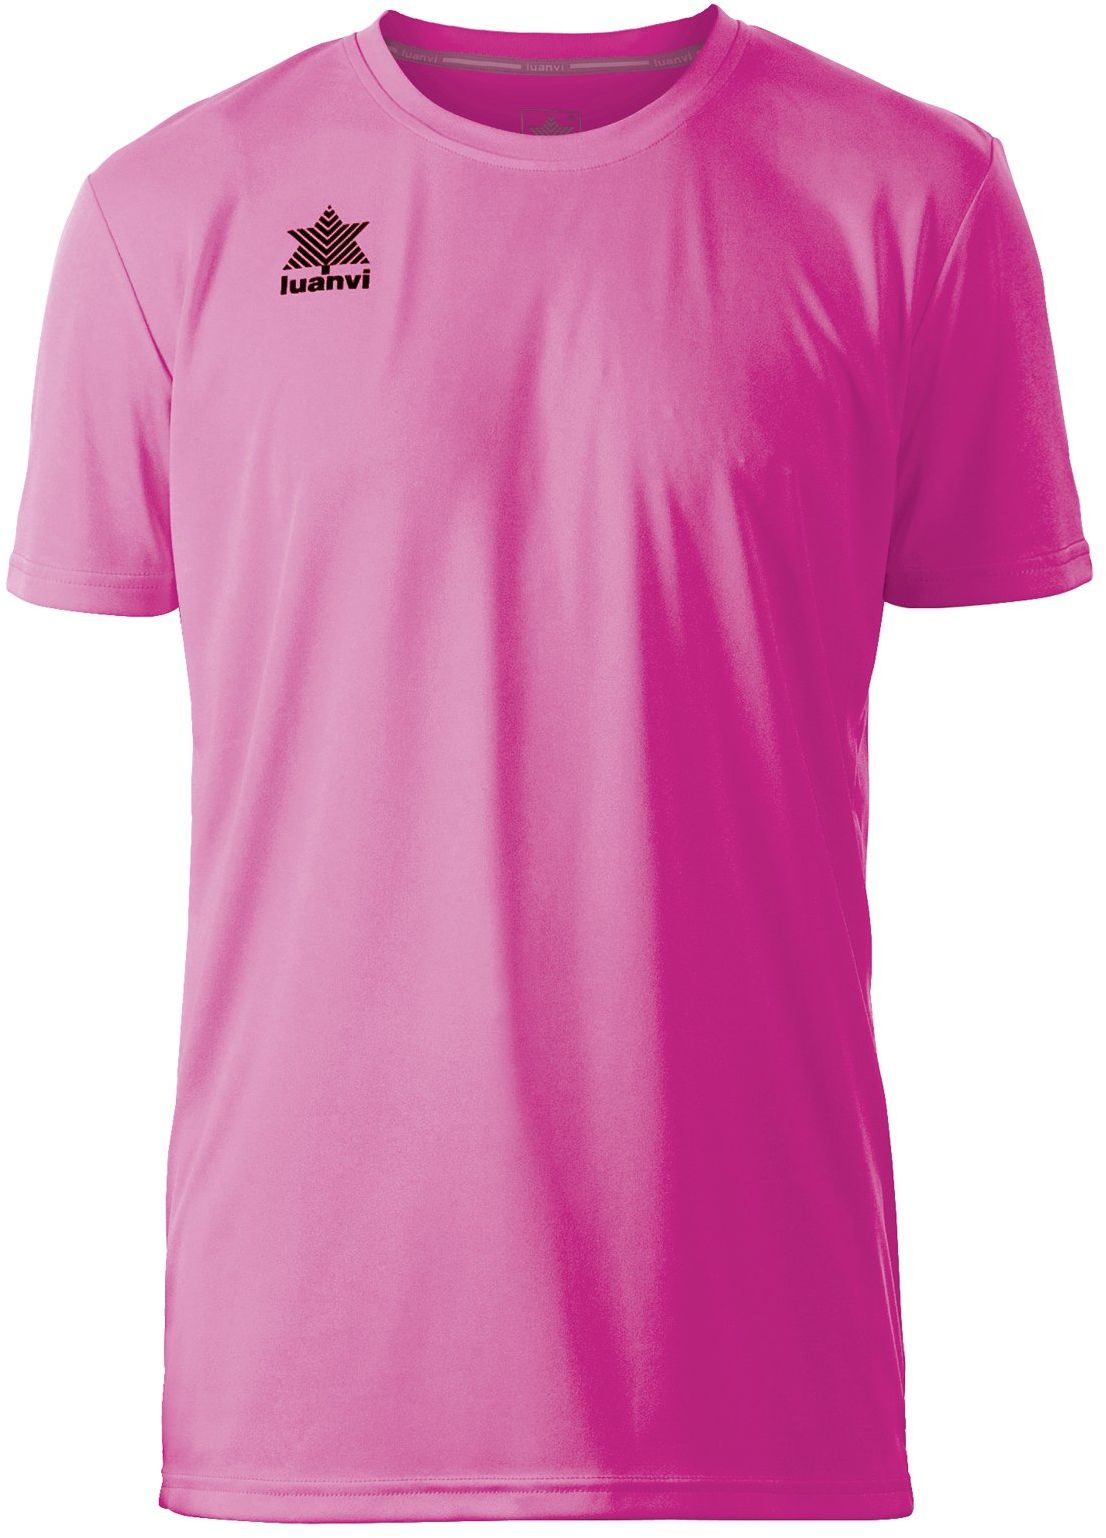 Luanvi Pol koszulka męska różowy Rosa 4XS